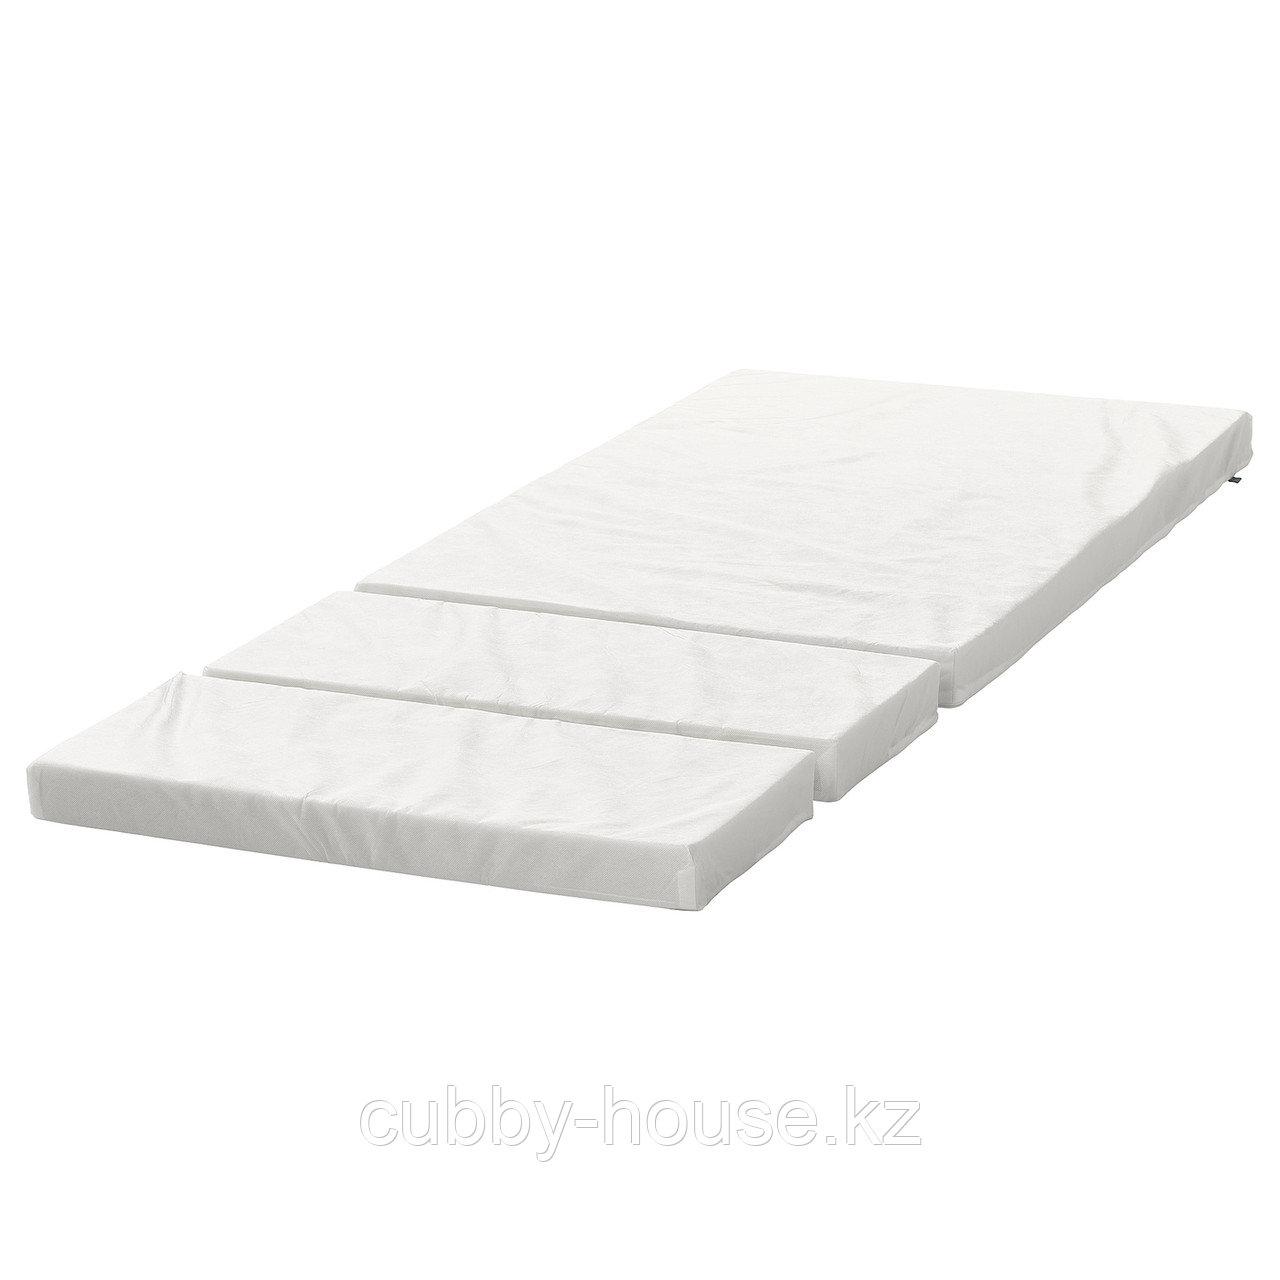 ПЛУТТЕН Матрас д/детской раздвижной кровати, 80x200 см